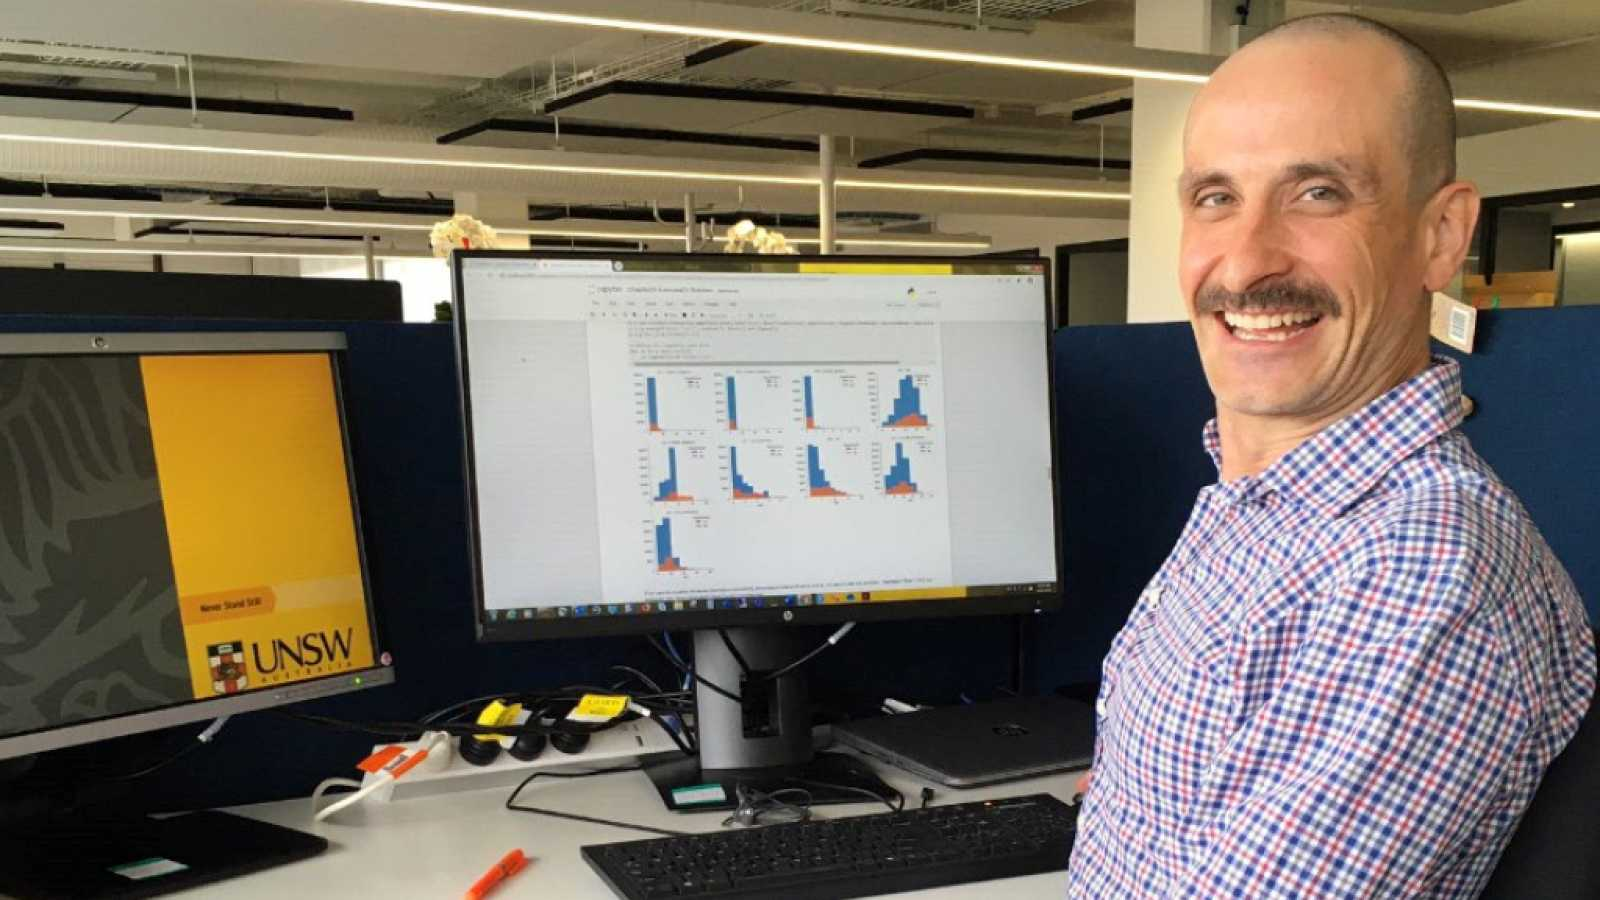 Punto de enlace - Óscar Pérez hace proyectos de 'big data' aplicados a la salud en Australia - 14/01/20 - escuchar ahora